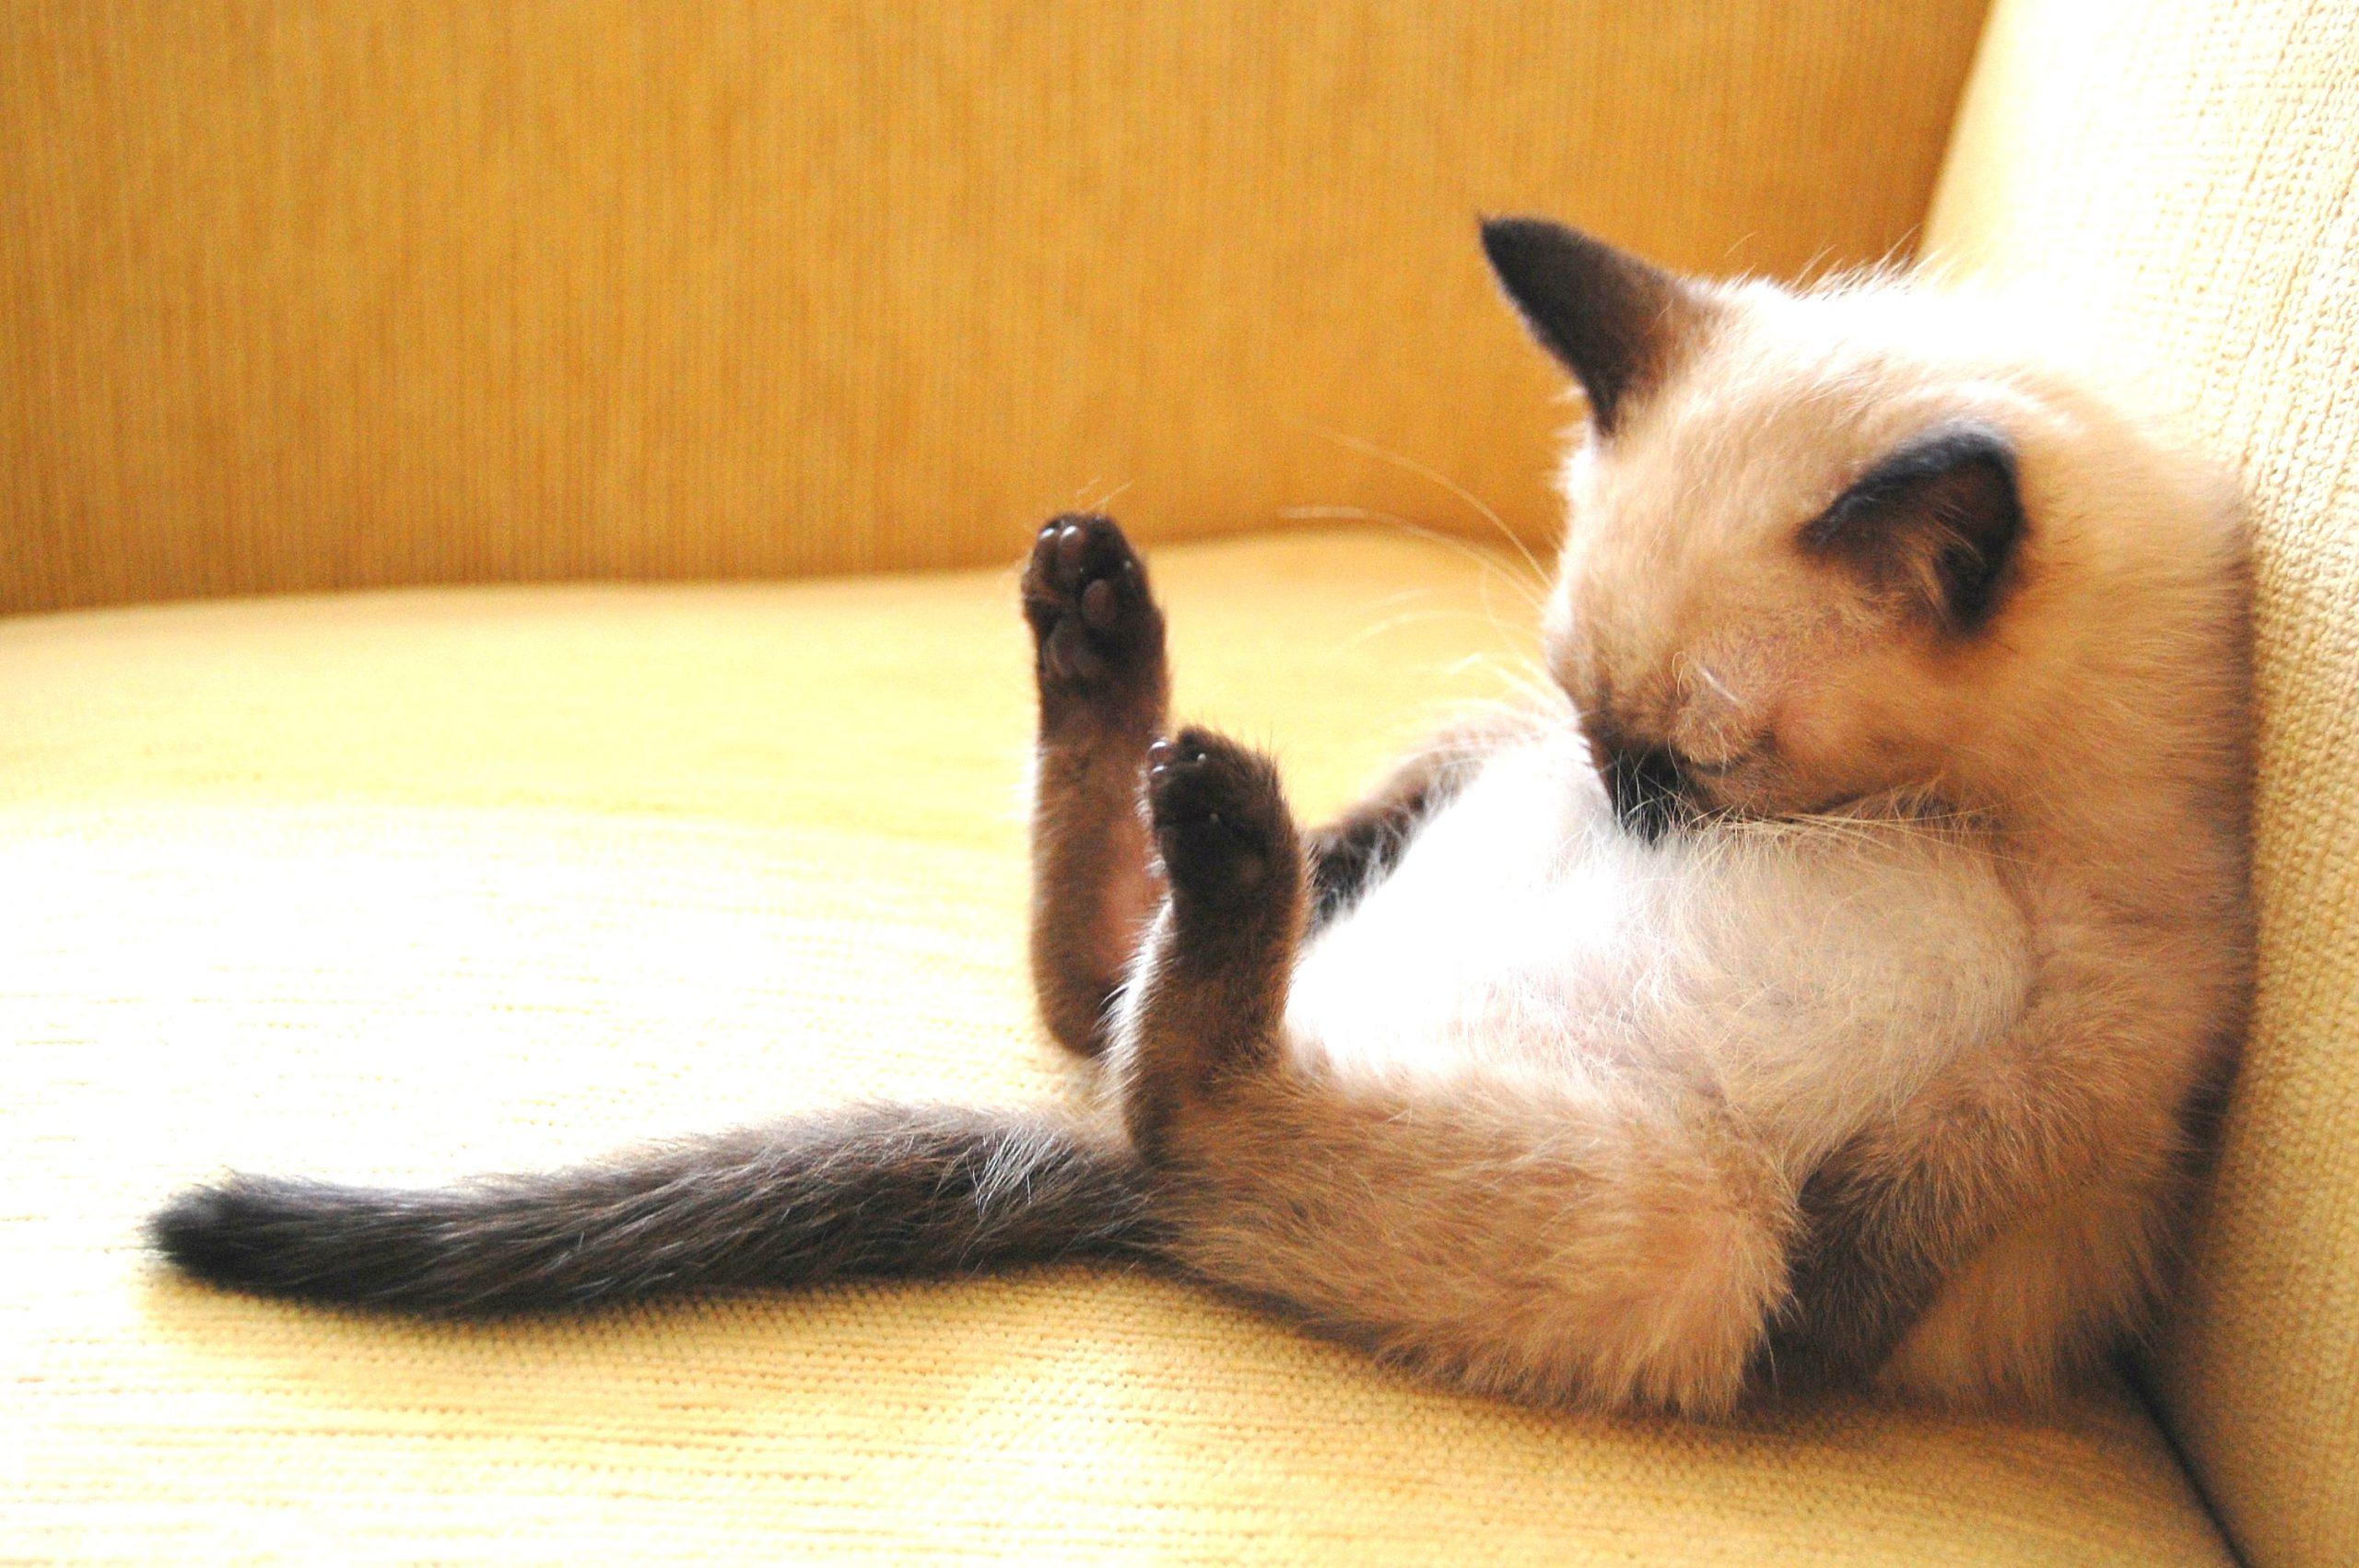 gato apoyado durmiendo